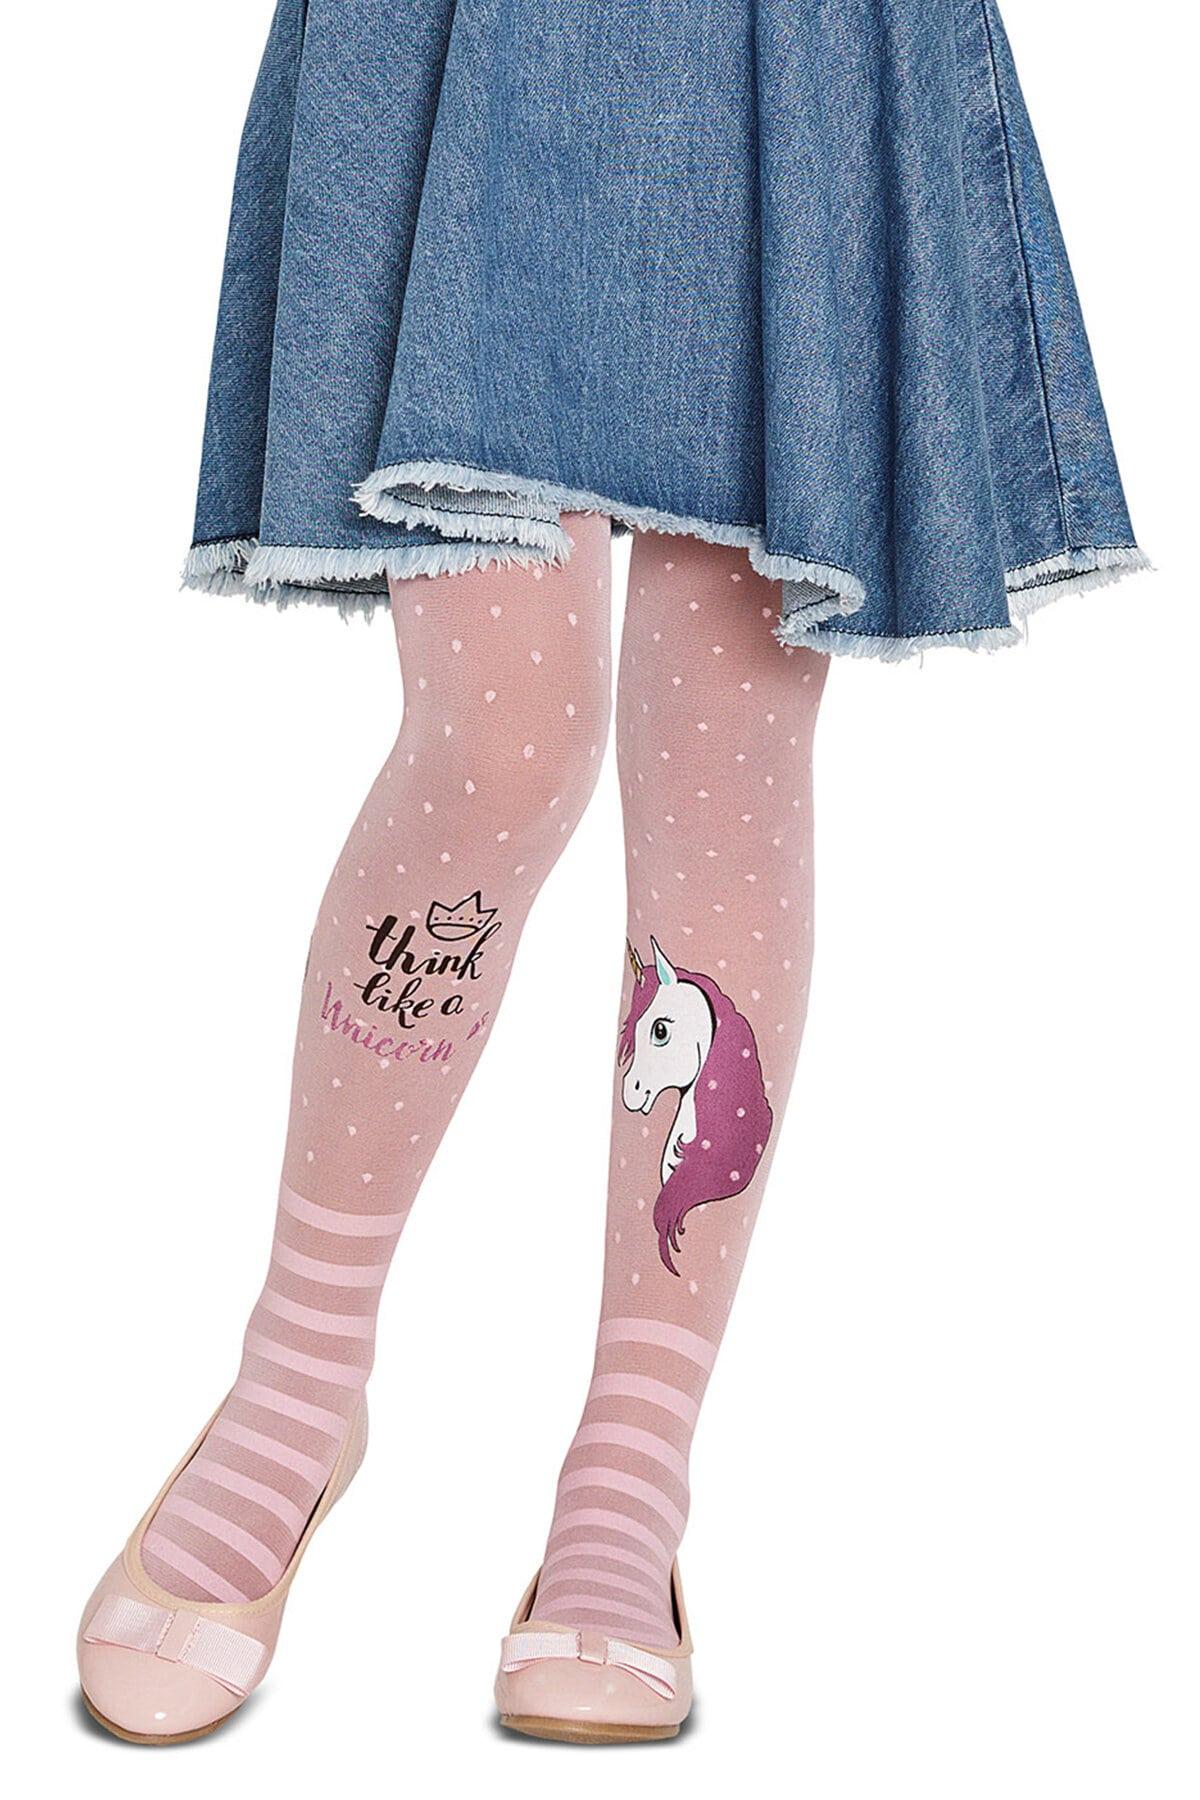 پنتی | Penti - جوراب شلواری طرحدار دخترانه پنتی Unicorn صورتی